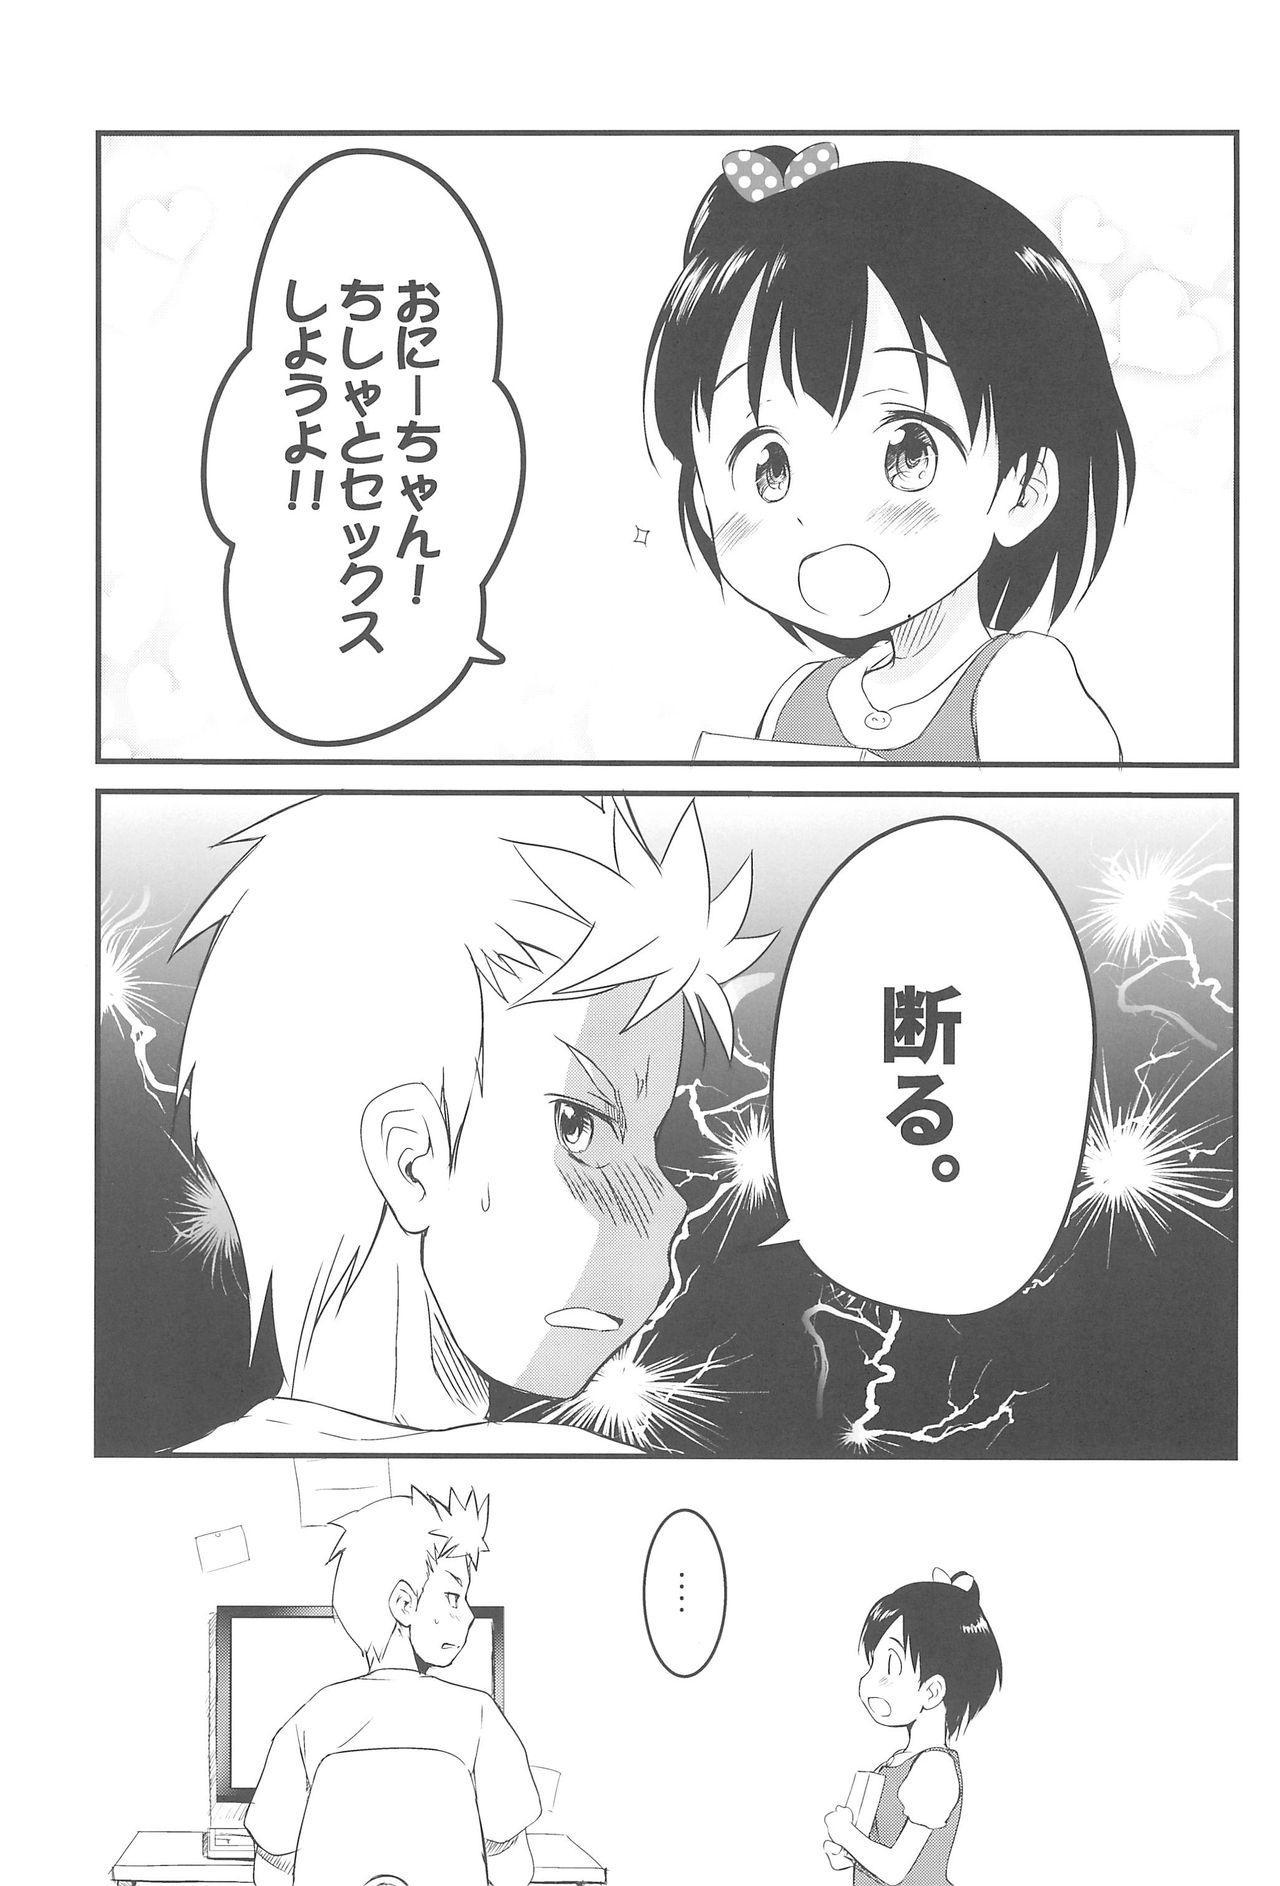 Imouto wa Minna Onii-chan ga Suki! 5 4